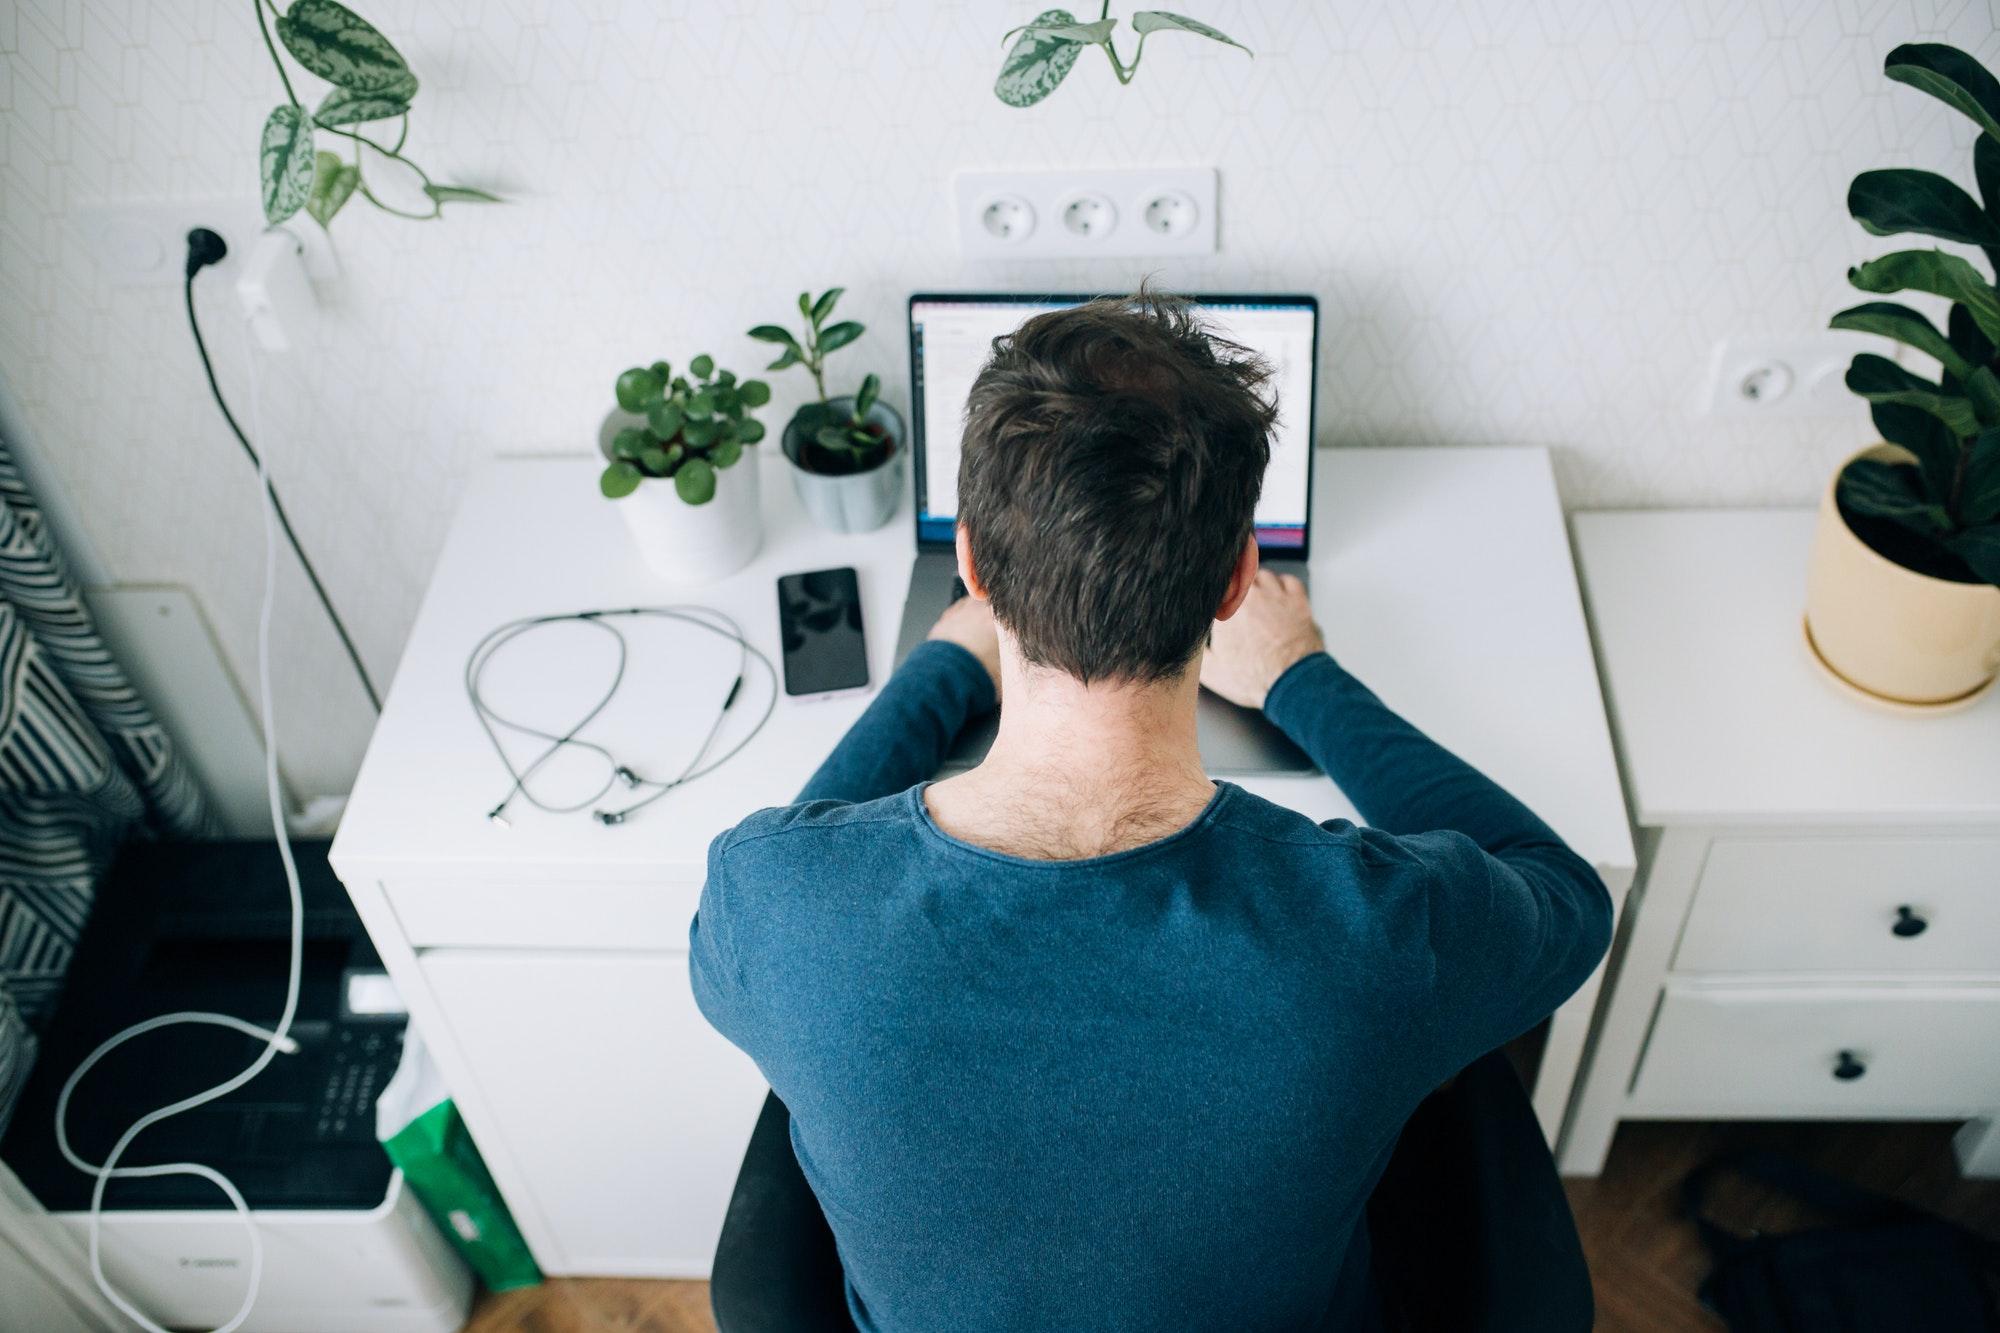 Hvad koster fjernelse af virus på din computeren eller på din hjemmeside?